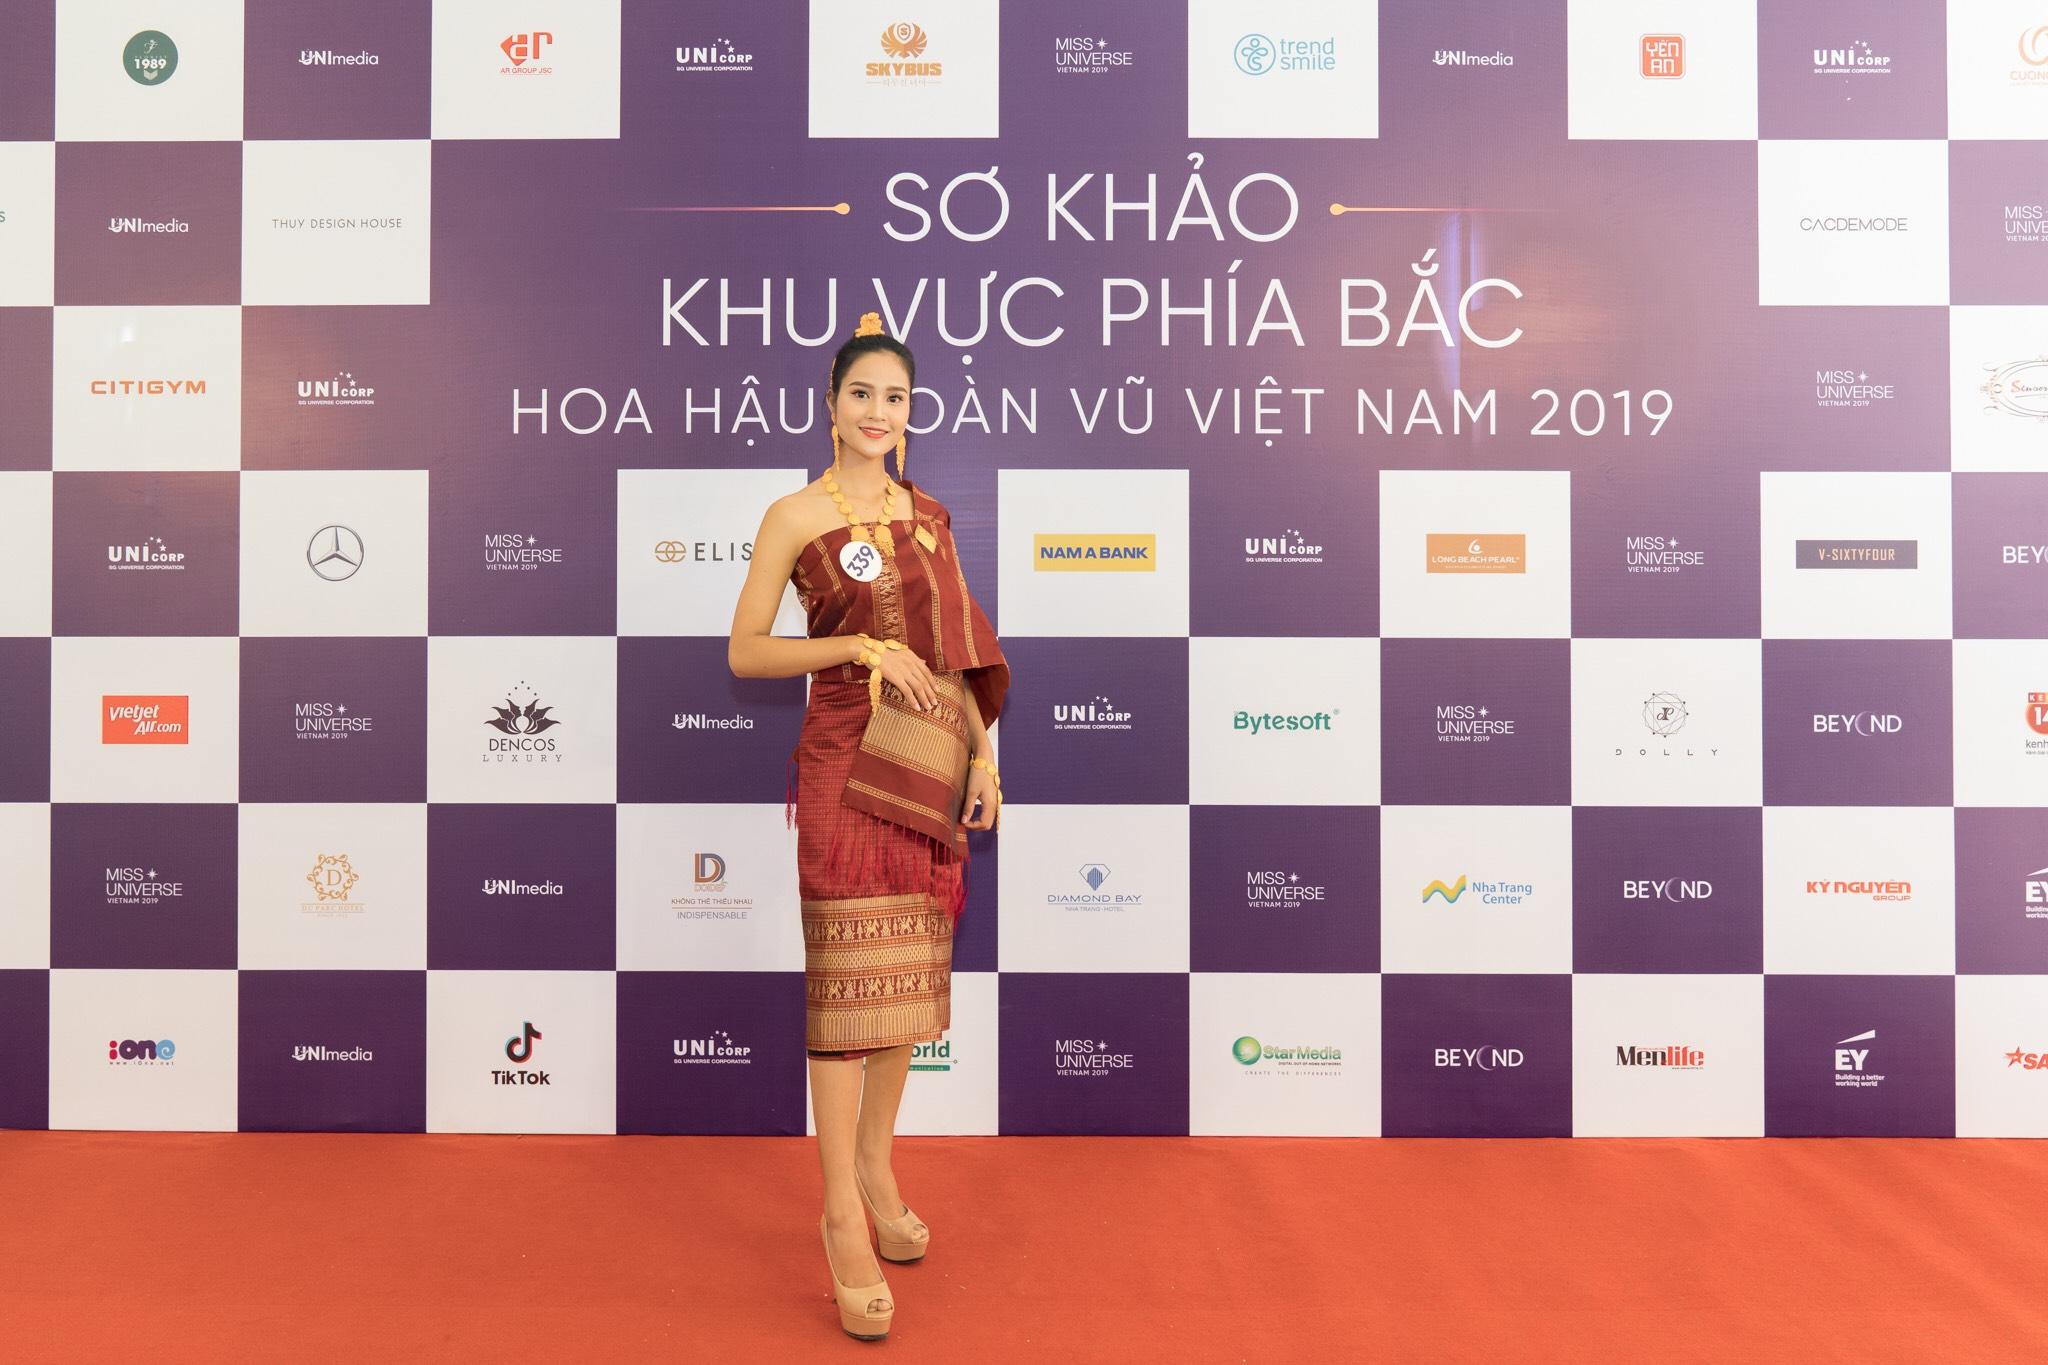 Thi sinh so khao phia Bac Hoa hau Hoan vu Viet Nam 2019 (11)